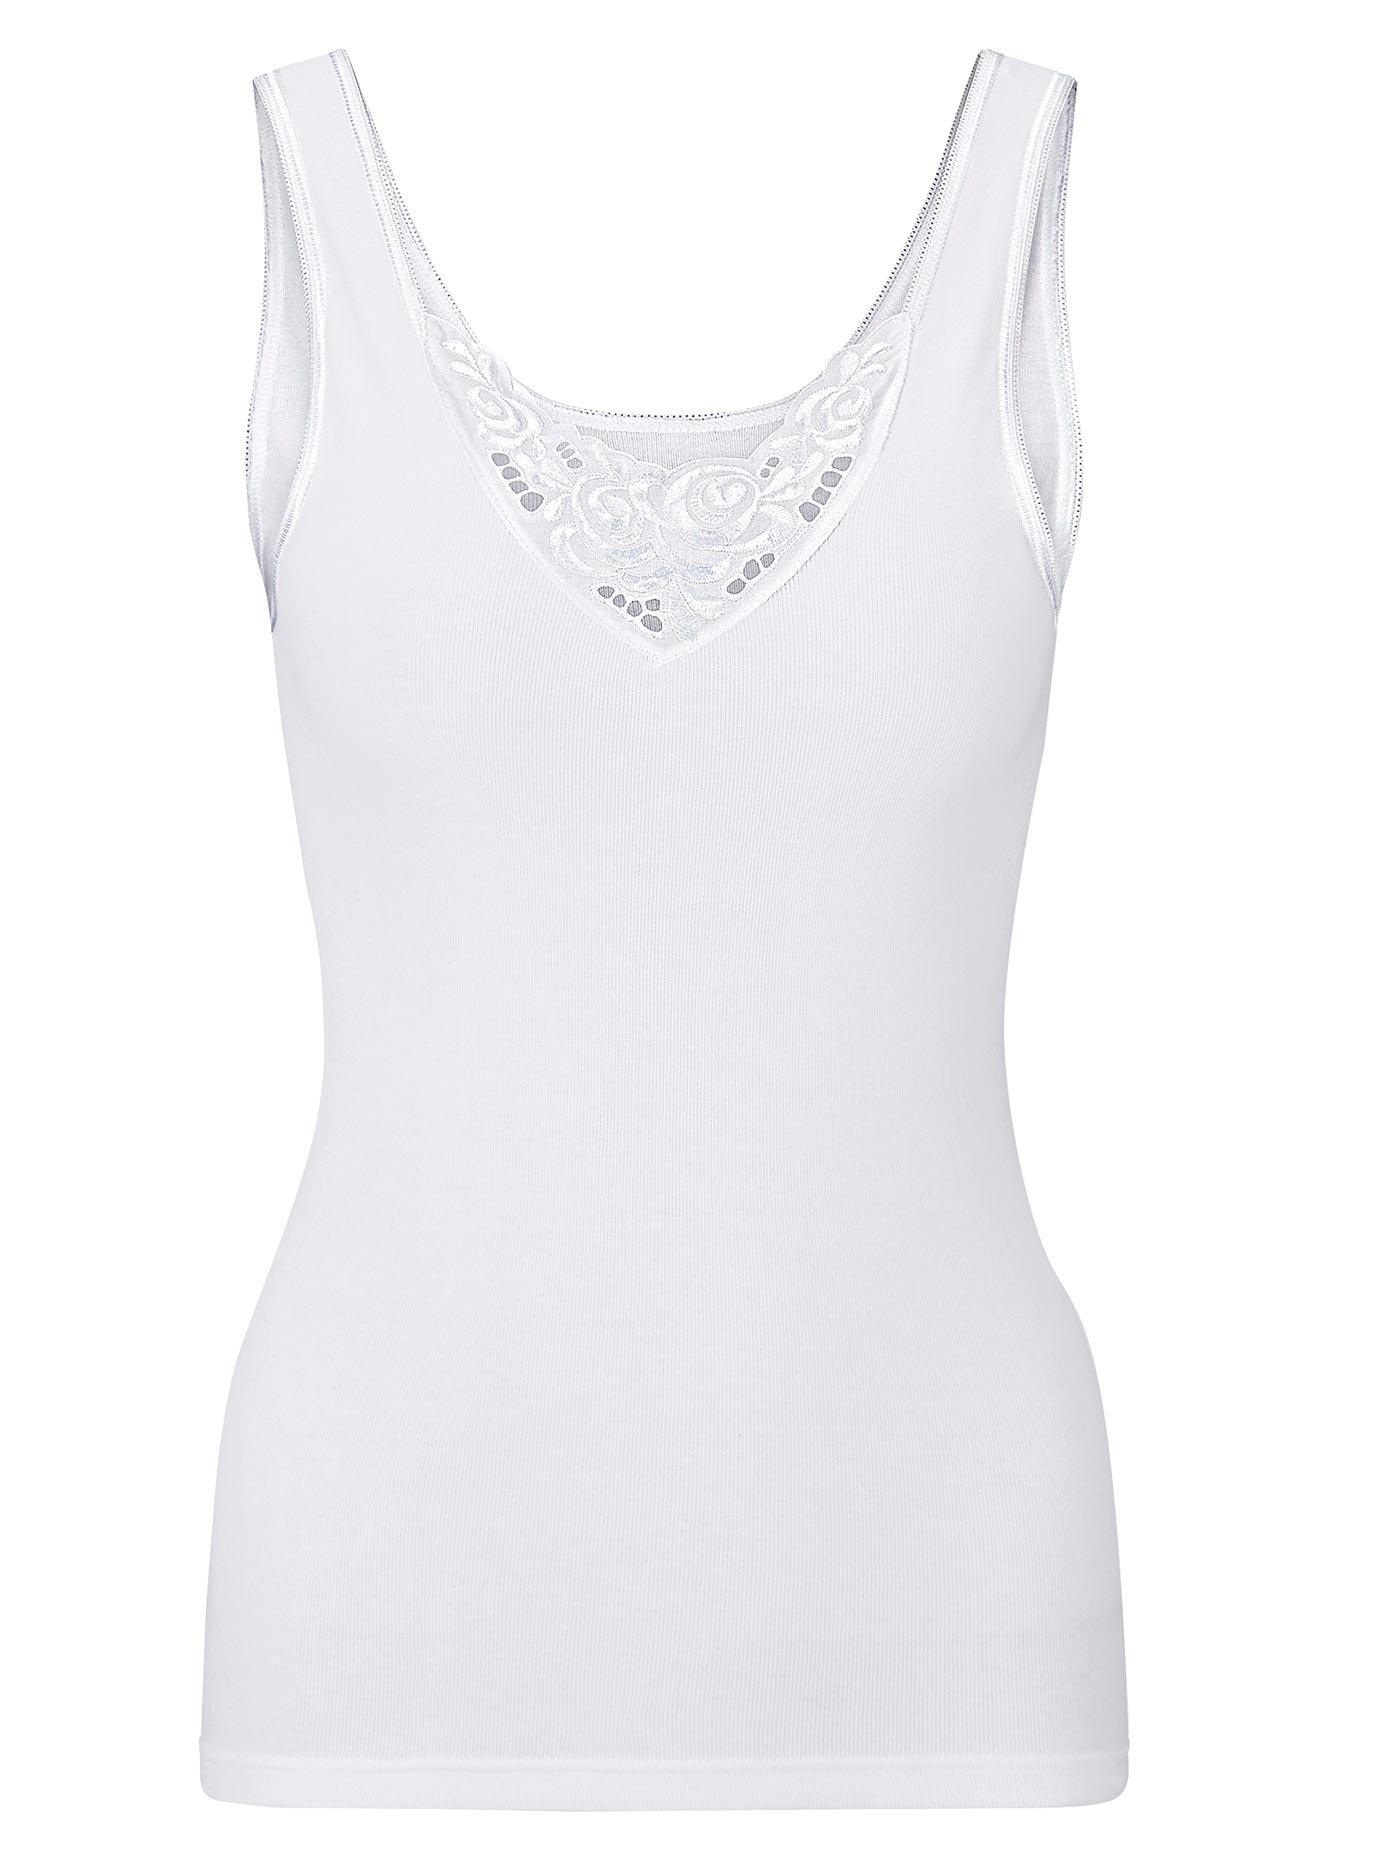 conta sporthemd (3 stuks) voordelig en veilig online kopen